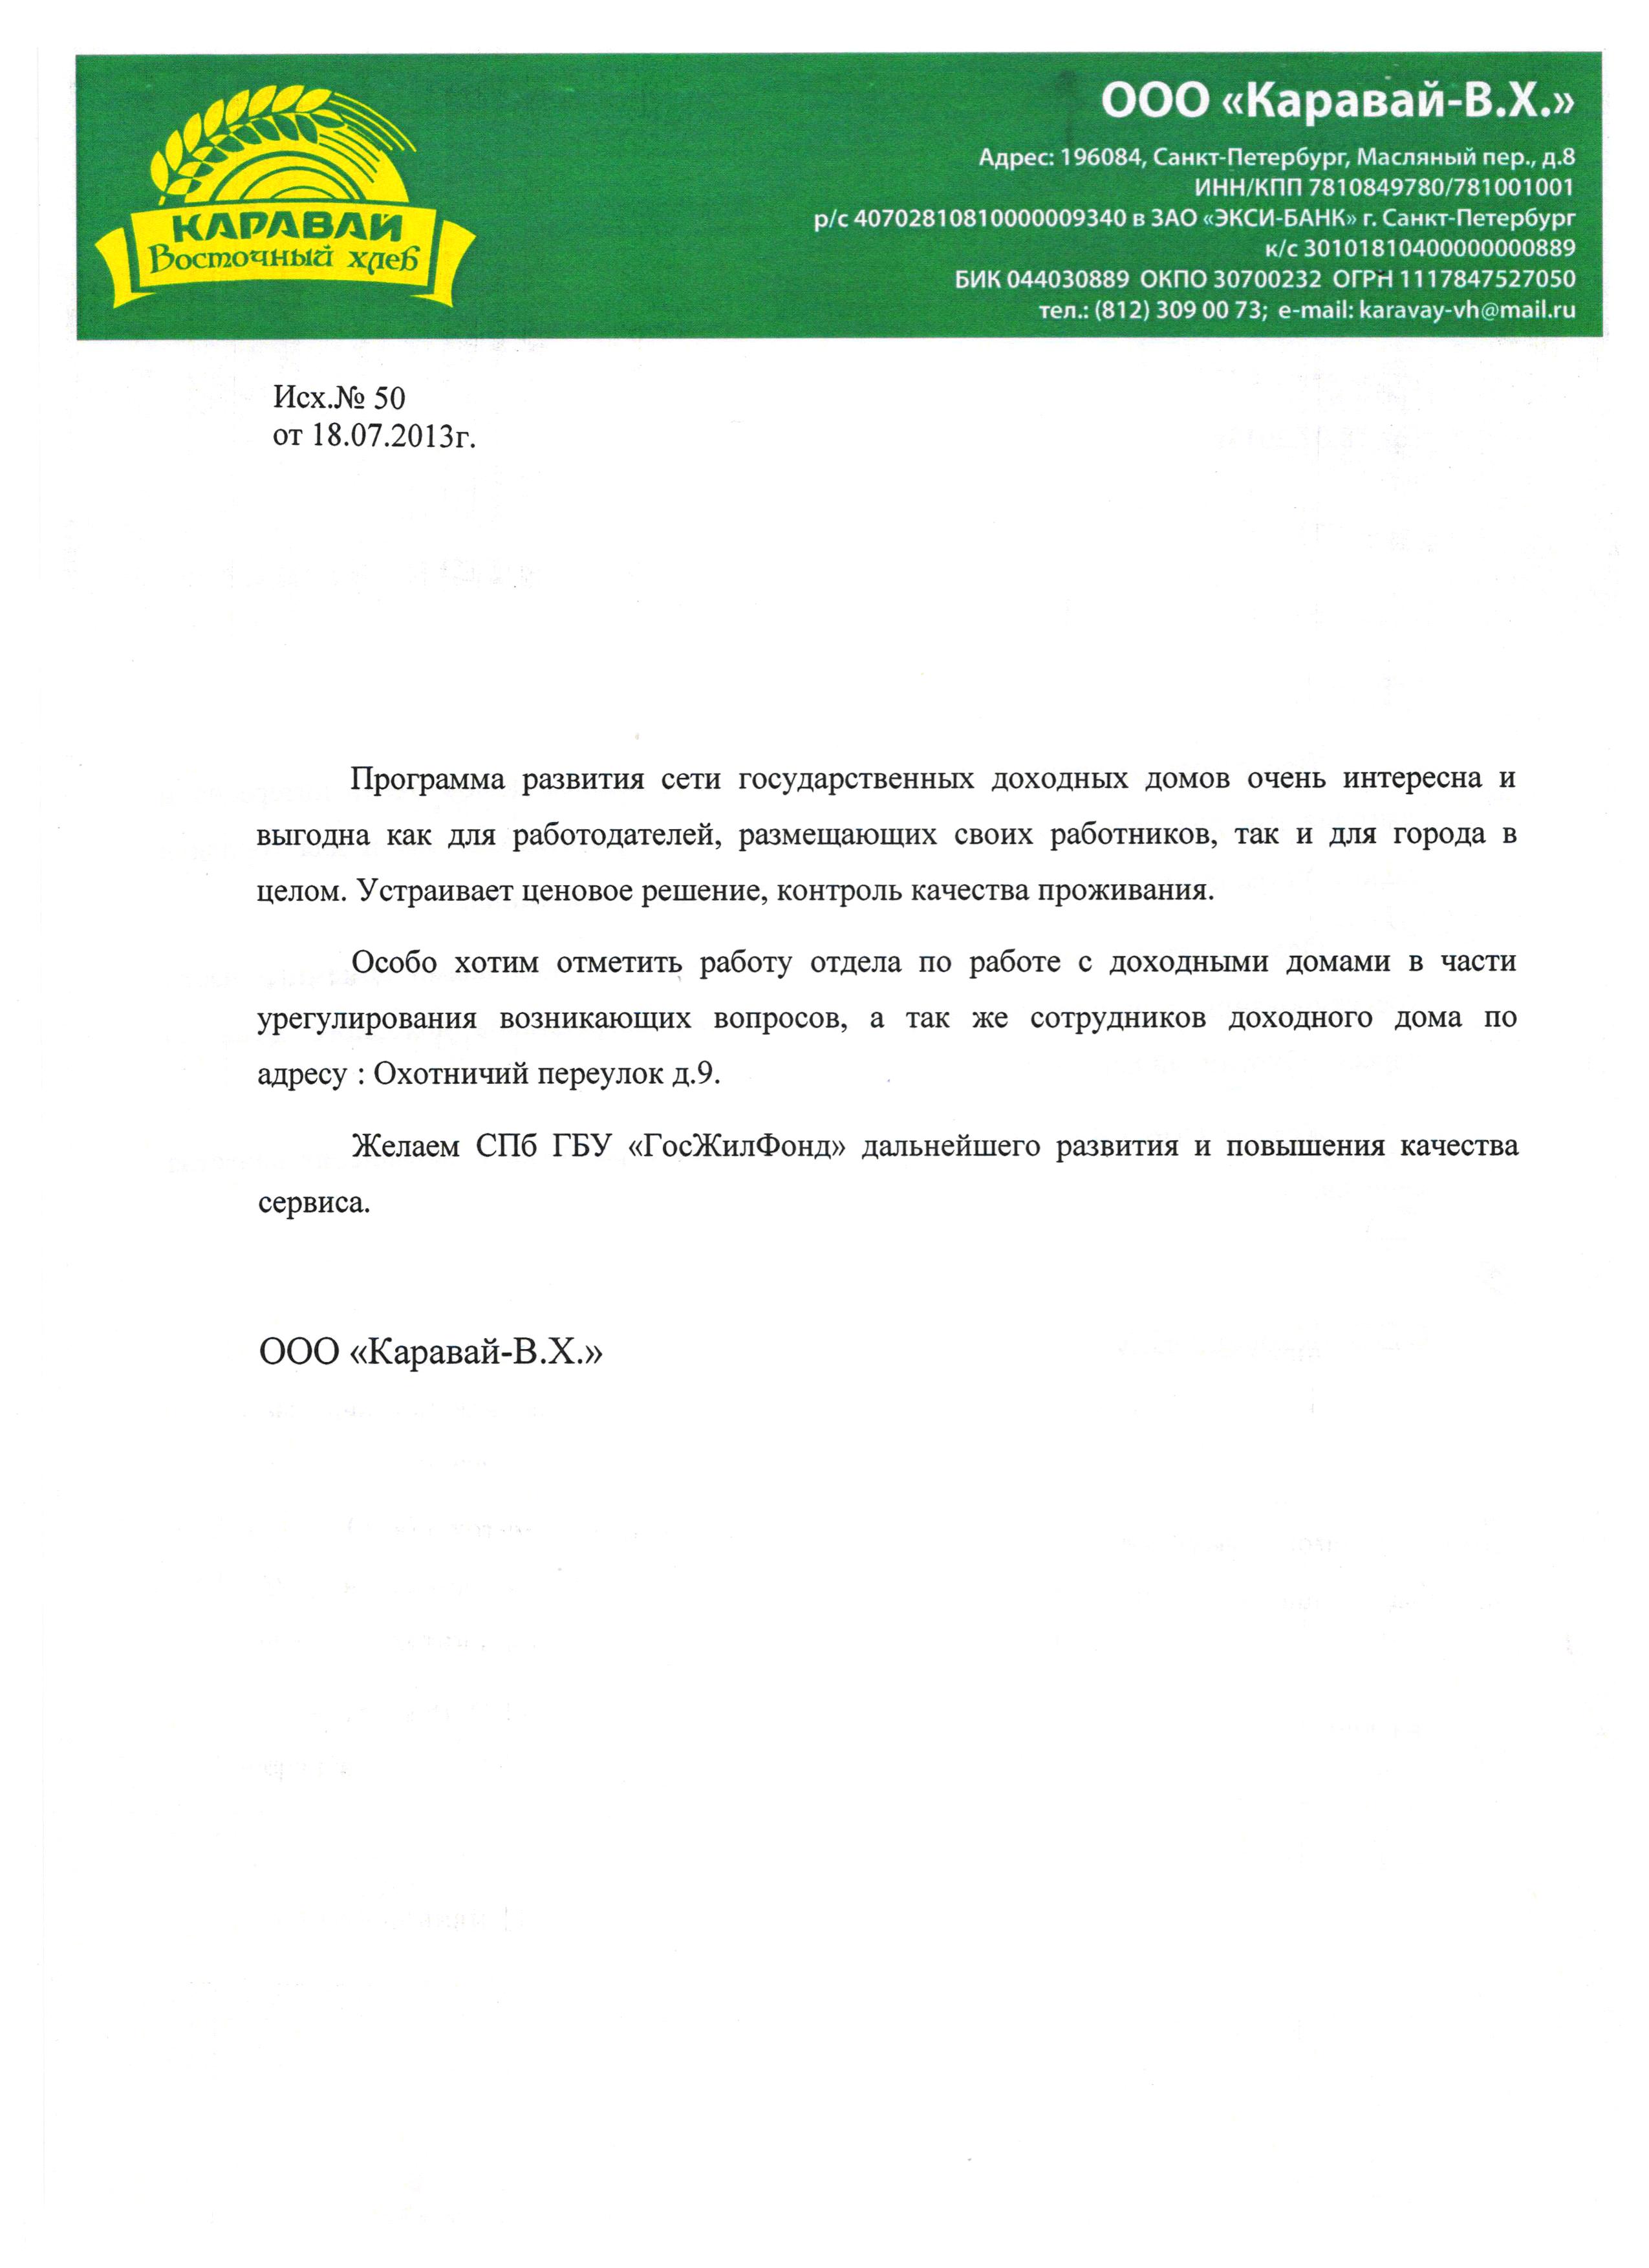 Благодарственное письмо от Каравая